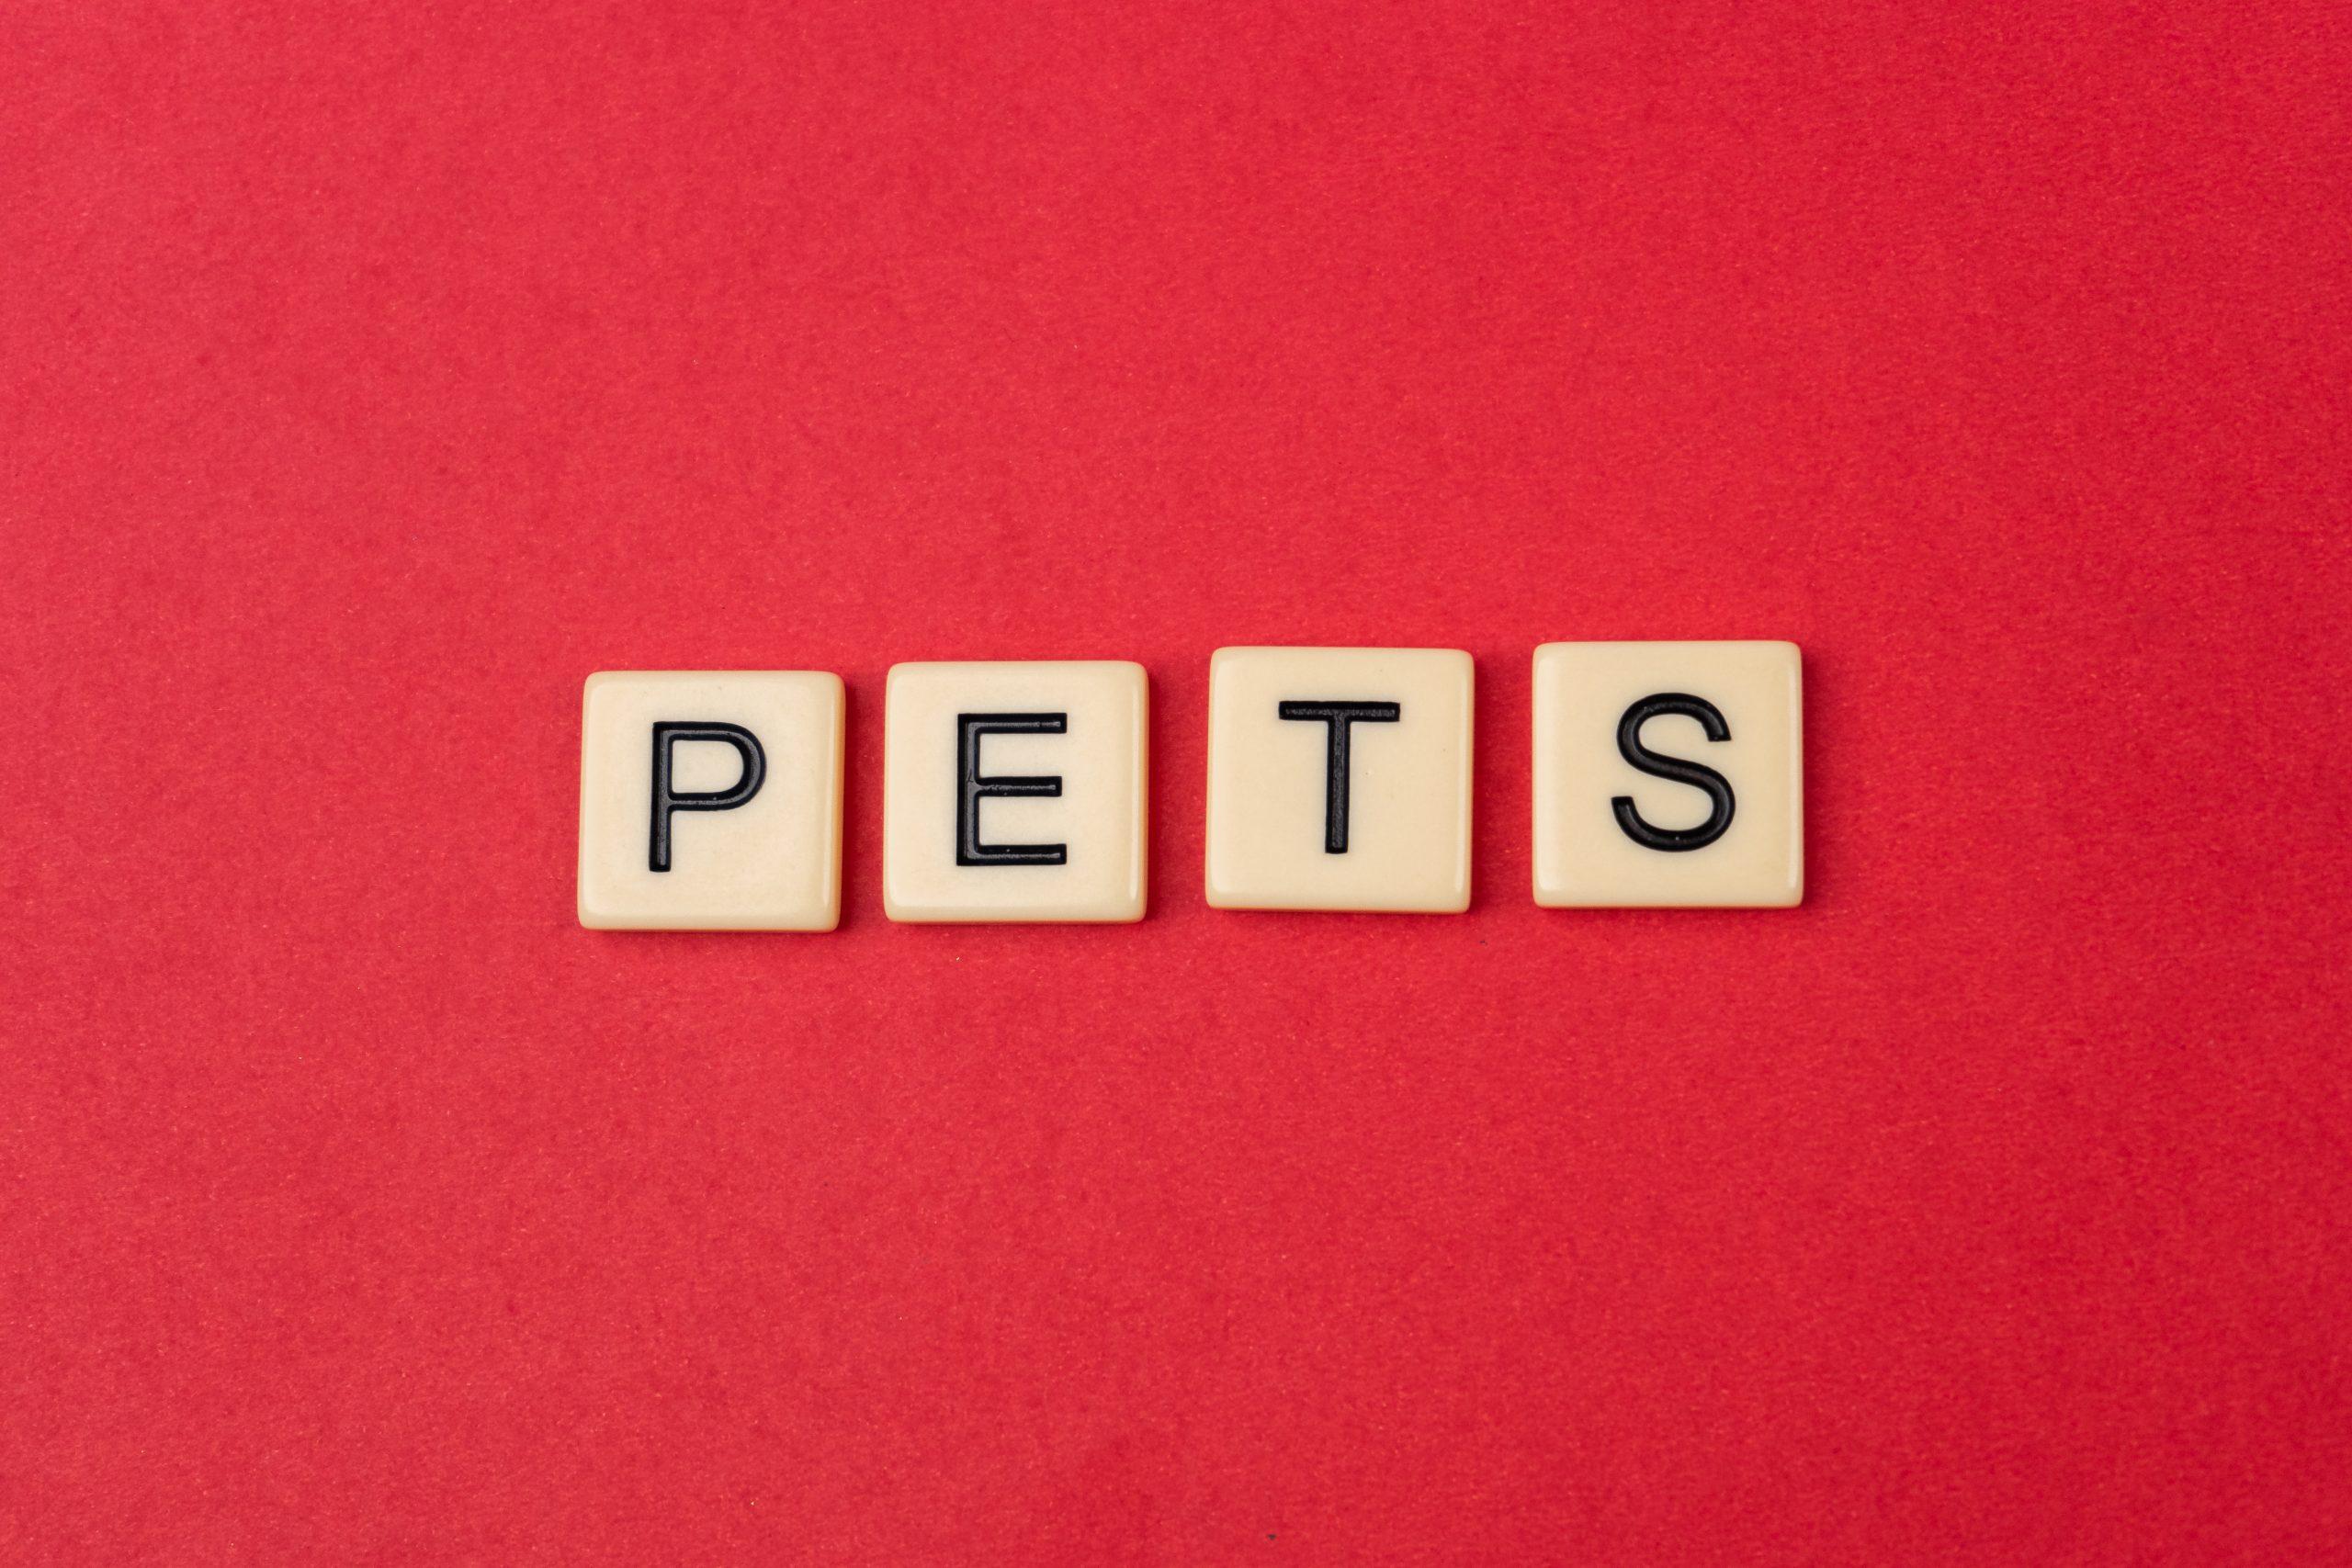 Pets written on scrabble